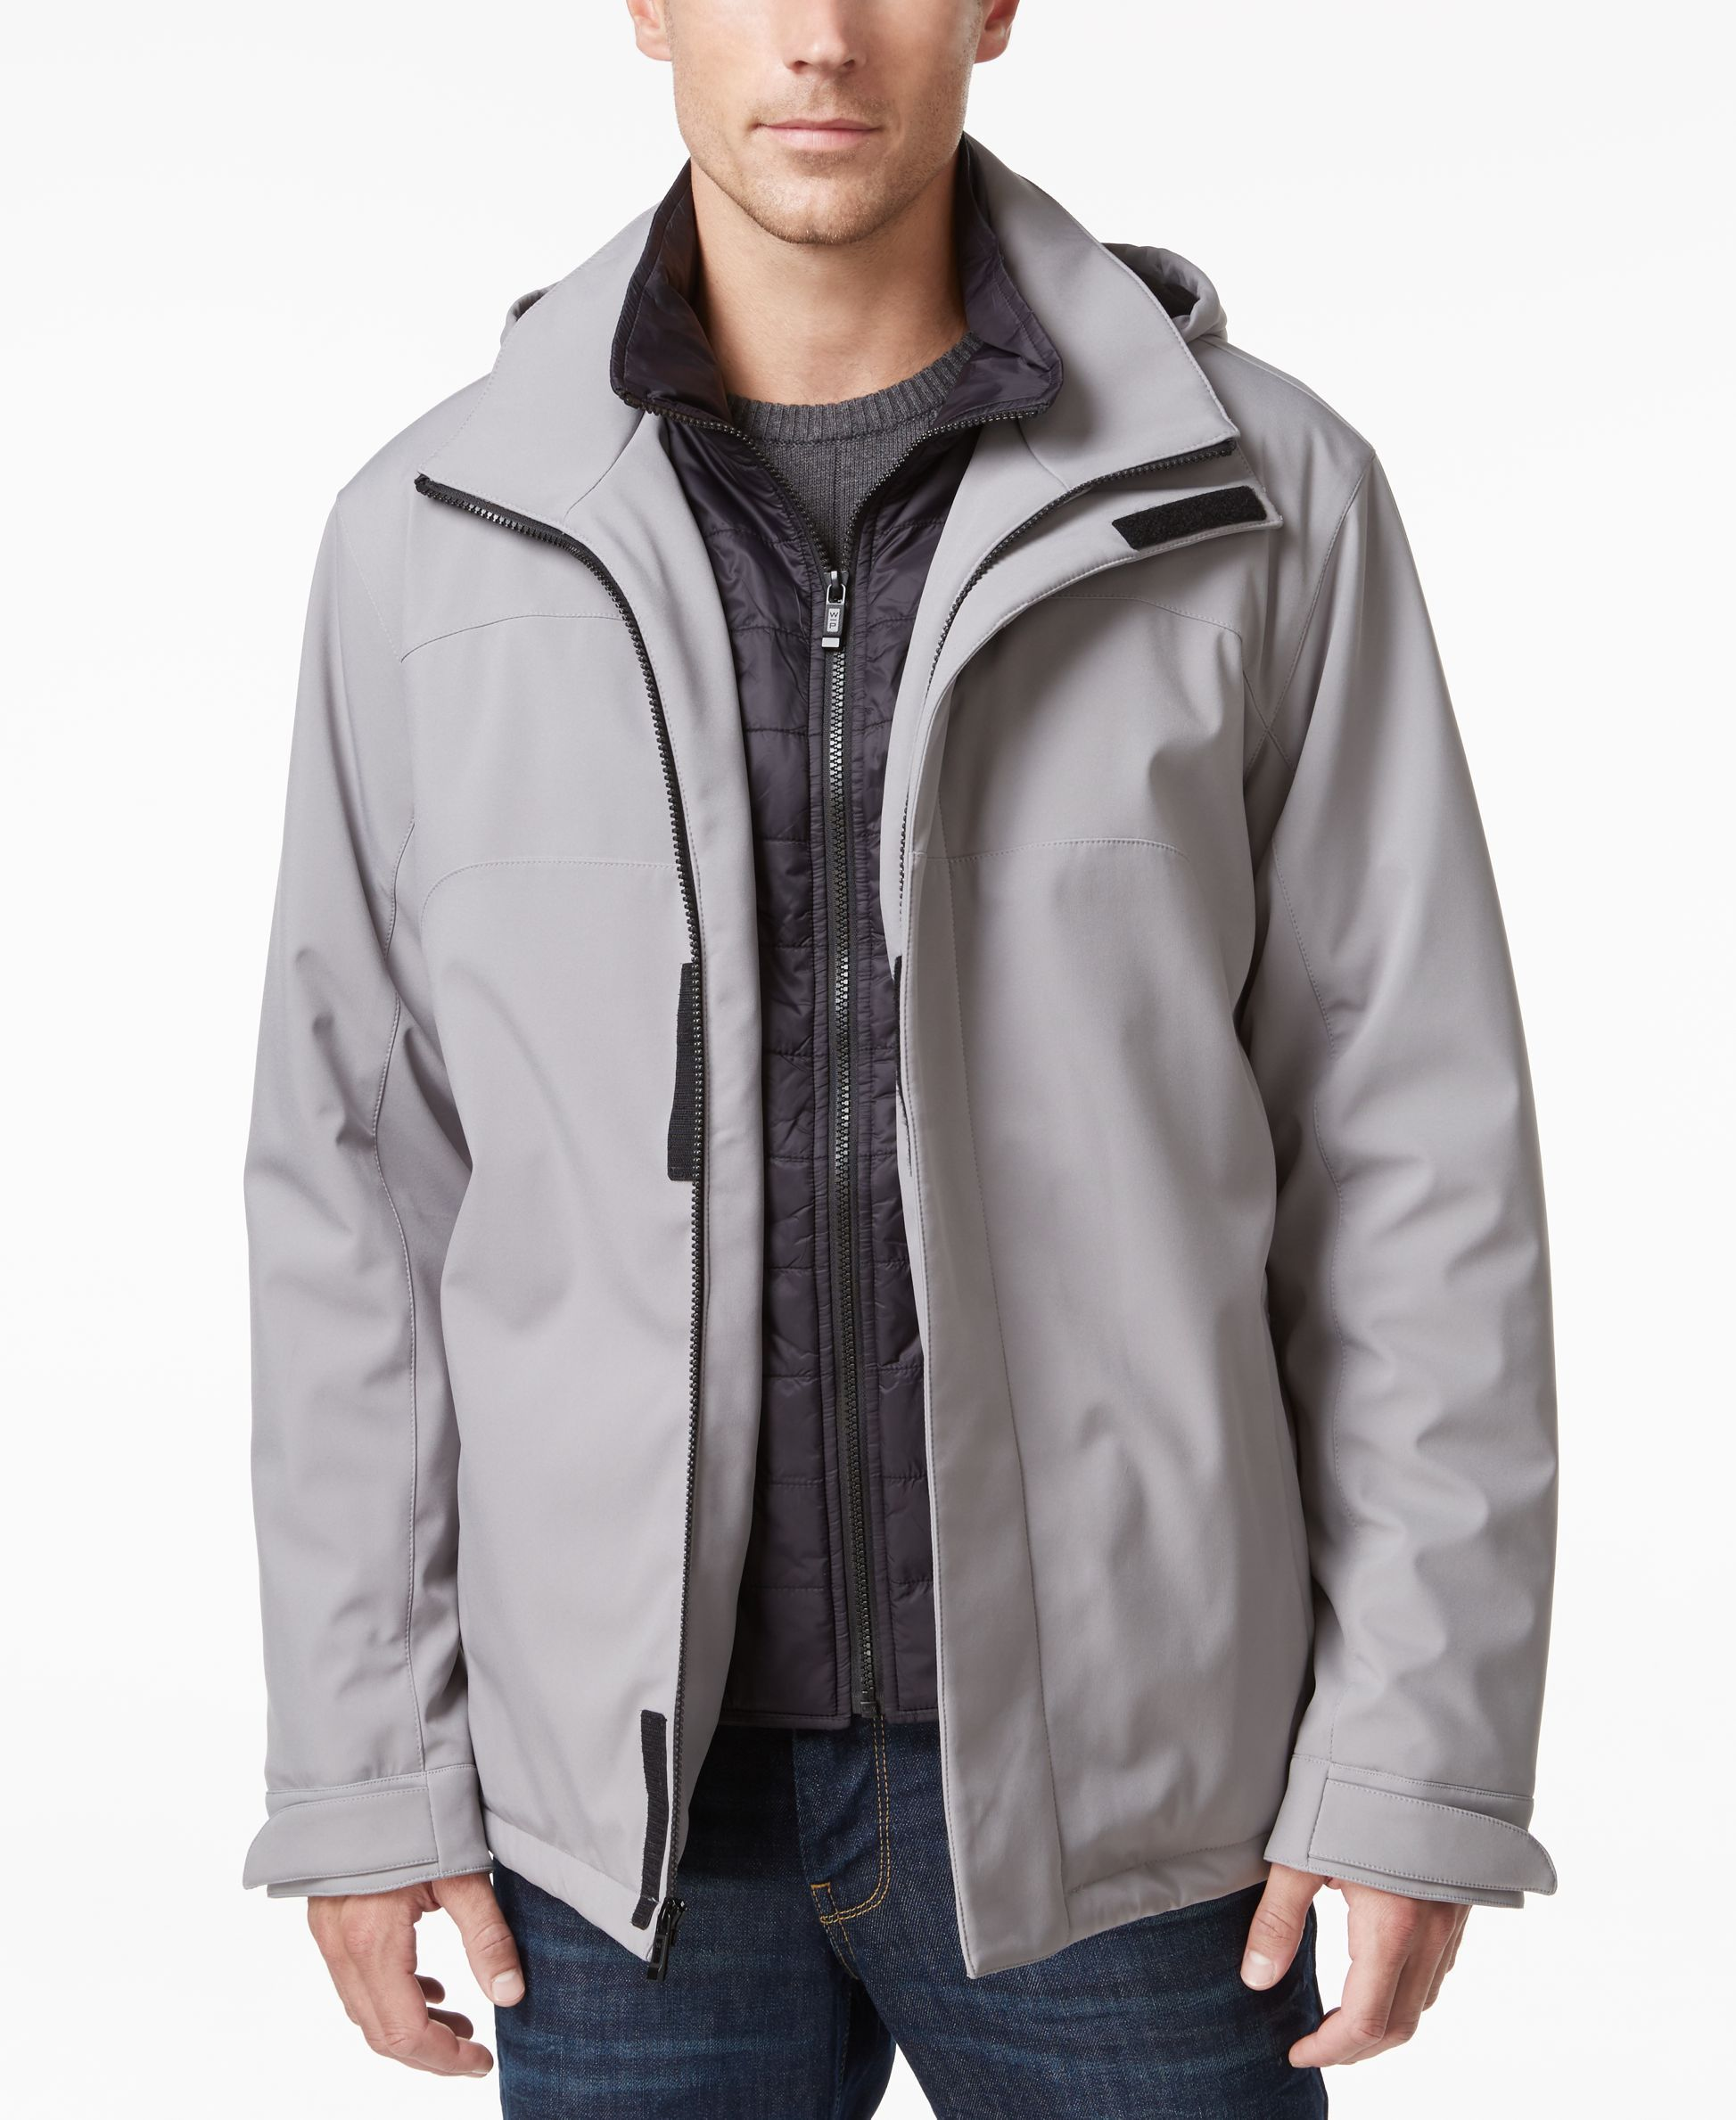 Weatherproof Vintage Men S Hooded Active Bib Jacket Mens Hooded Jackets Mens Jackets [ 2378 x 1947 Pixel ]